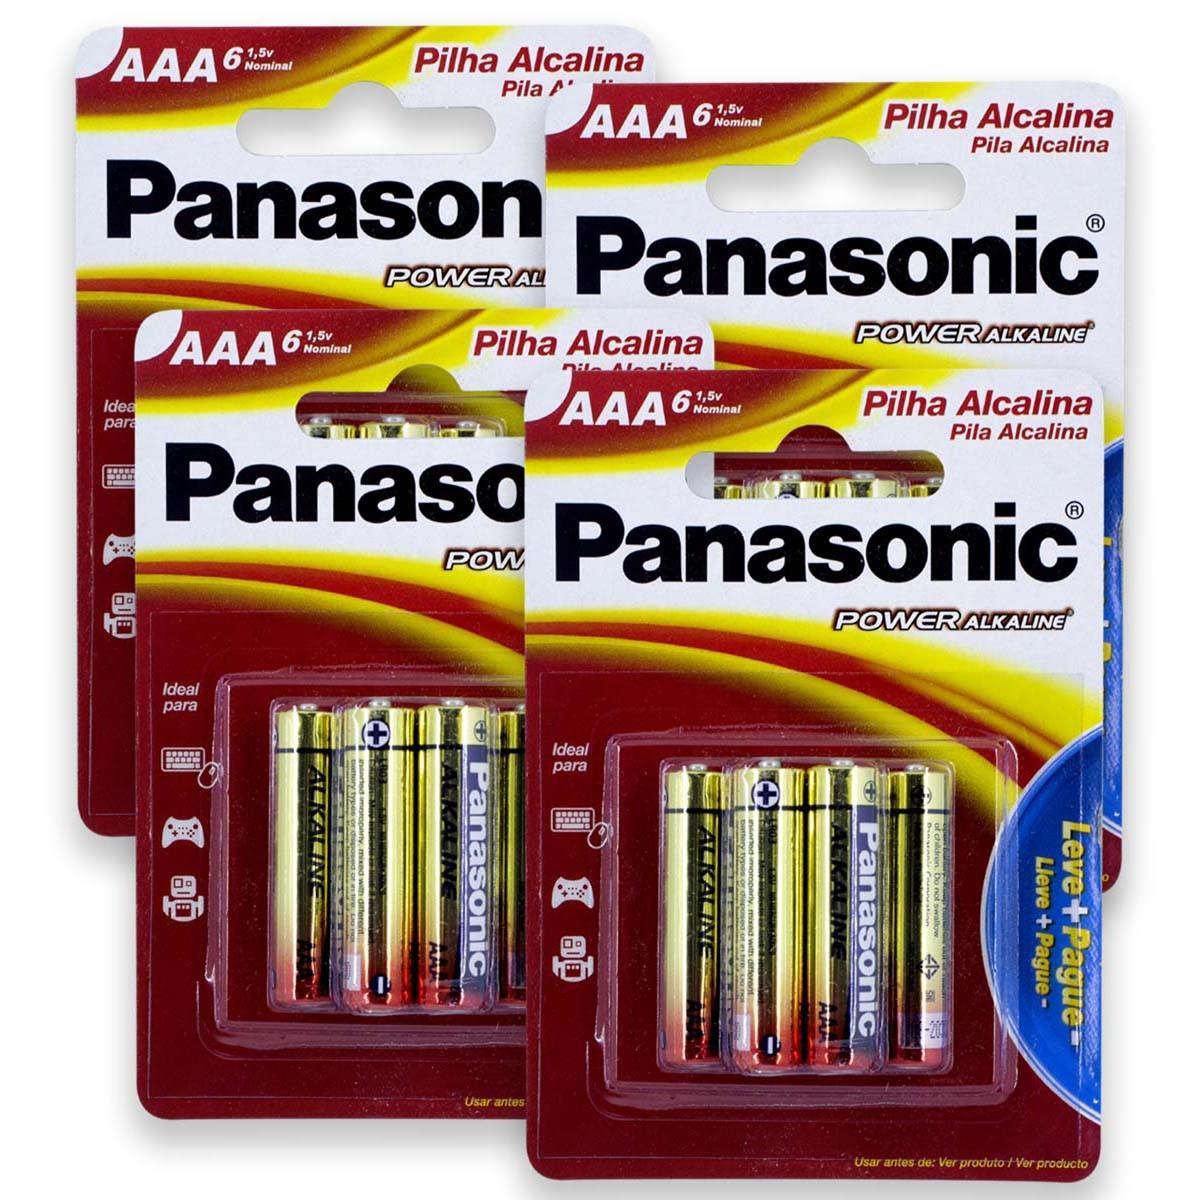 24 Pilhas AAA Alcalina PANASONIC 4 cartelas